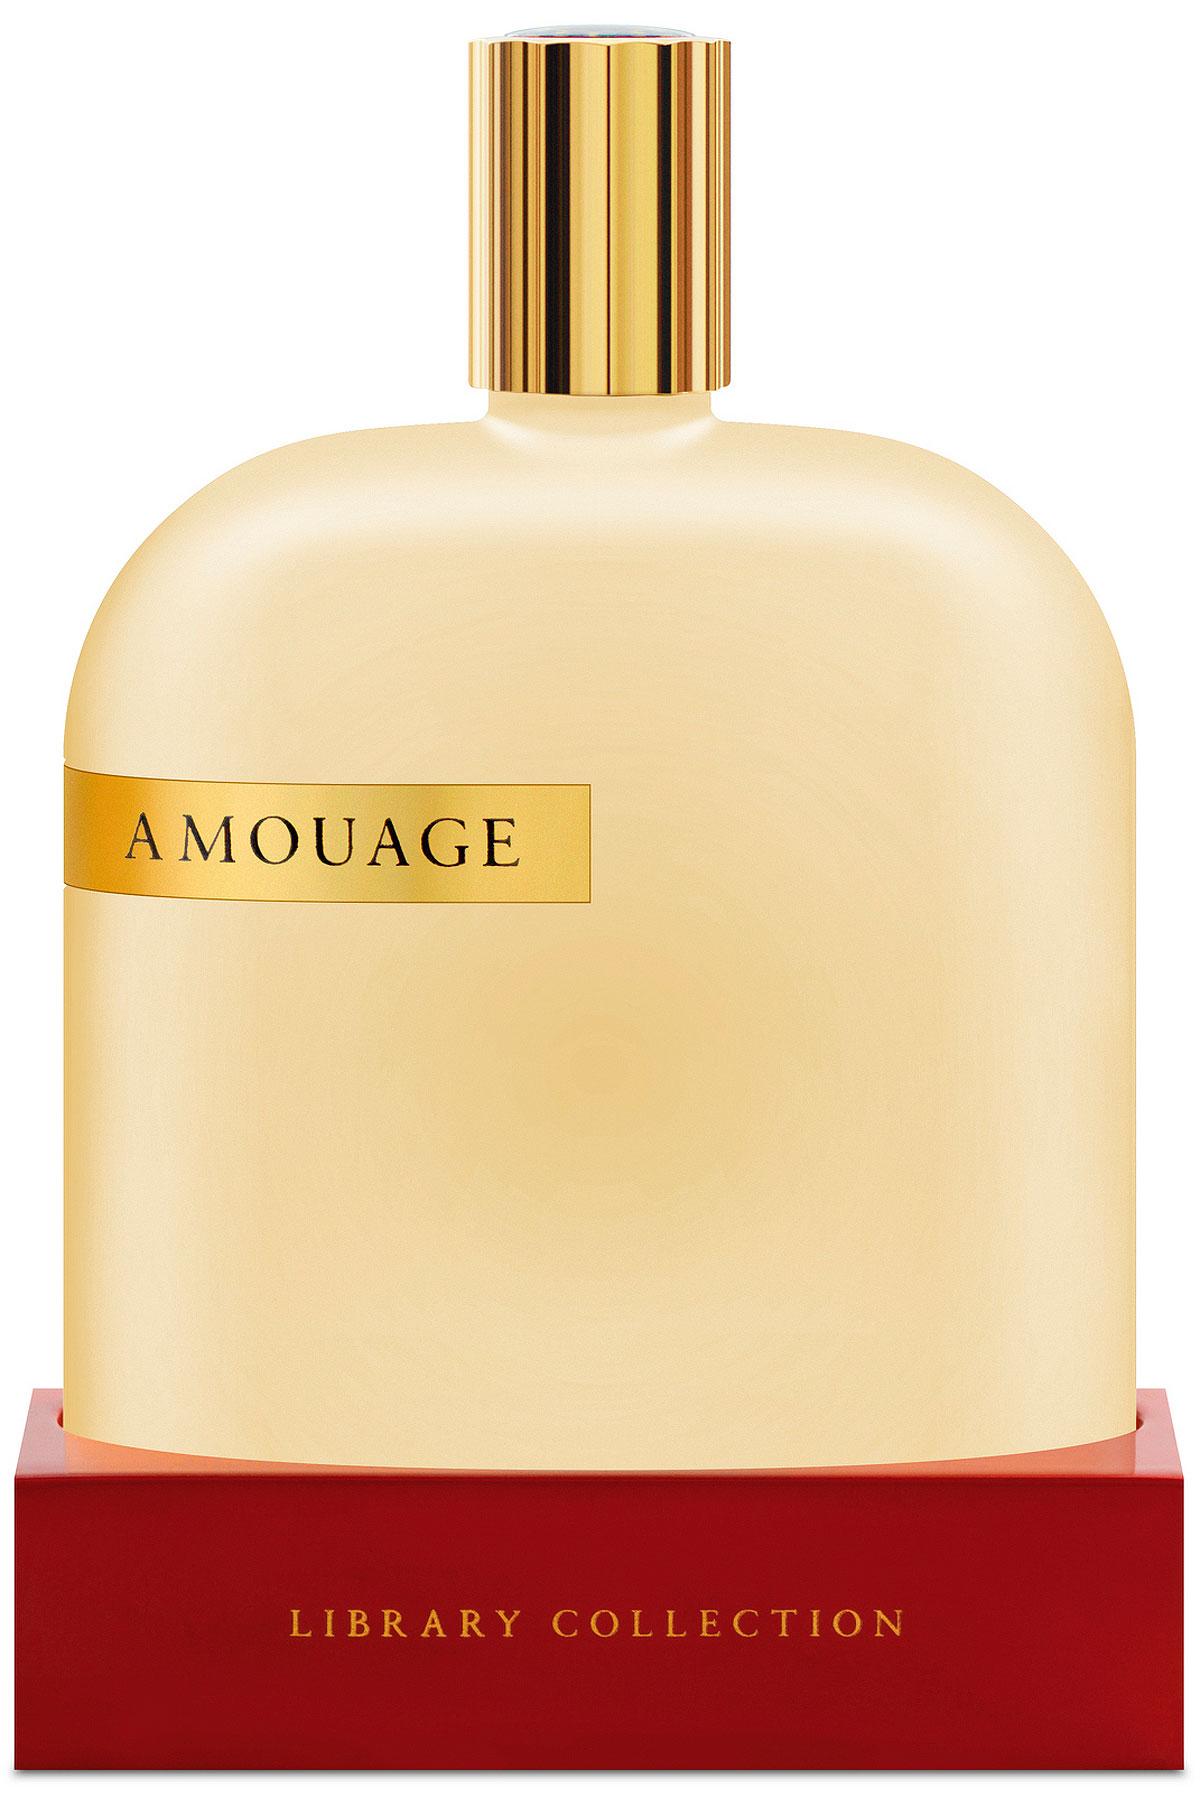 Amouage Fragrances for Women, Opus Iv - Eau De Parfum - 100 Ml, 2019, 100 ml